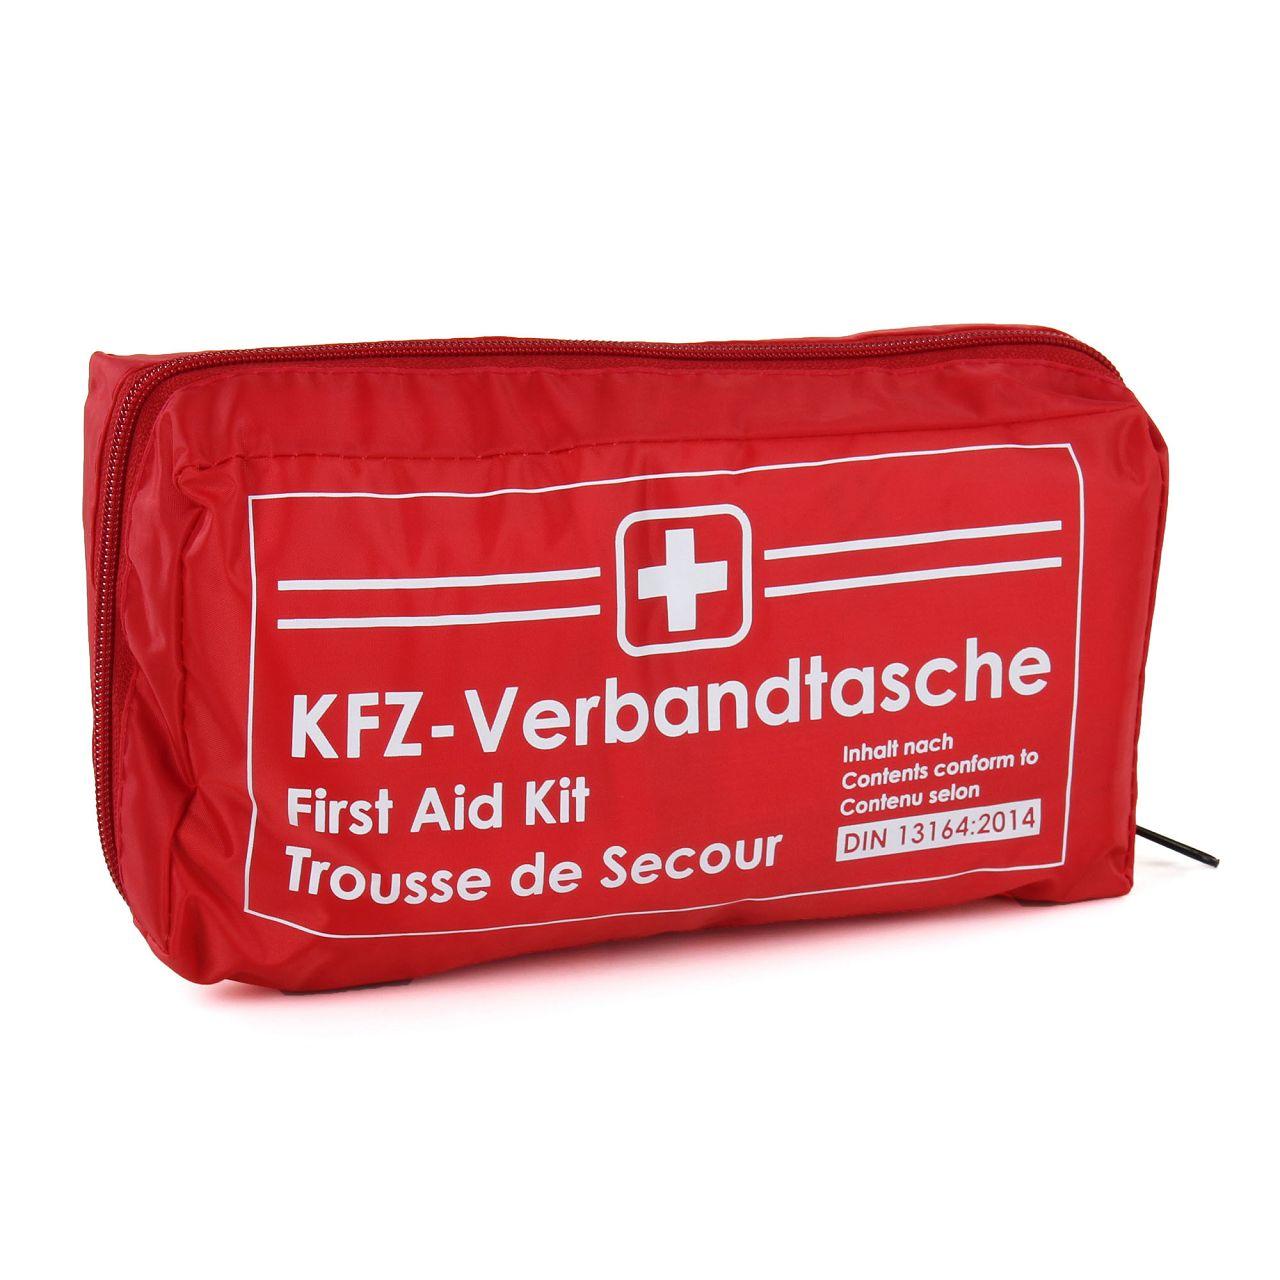 KFZ Auto Verbandkasten Verbandskasten ROT Erste Hilfe DIN 13164 (MHD 06.2025)